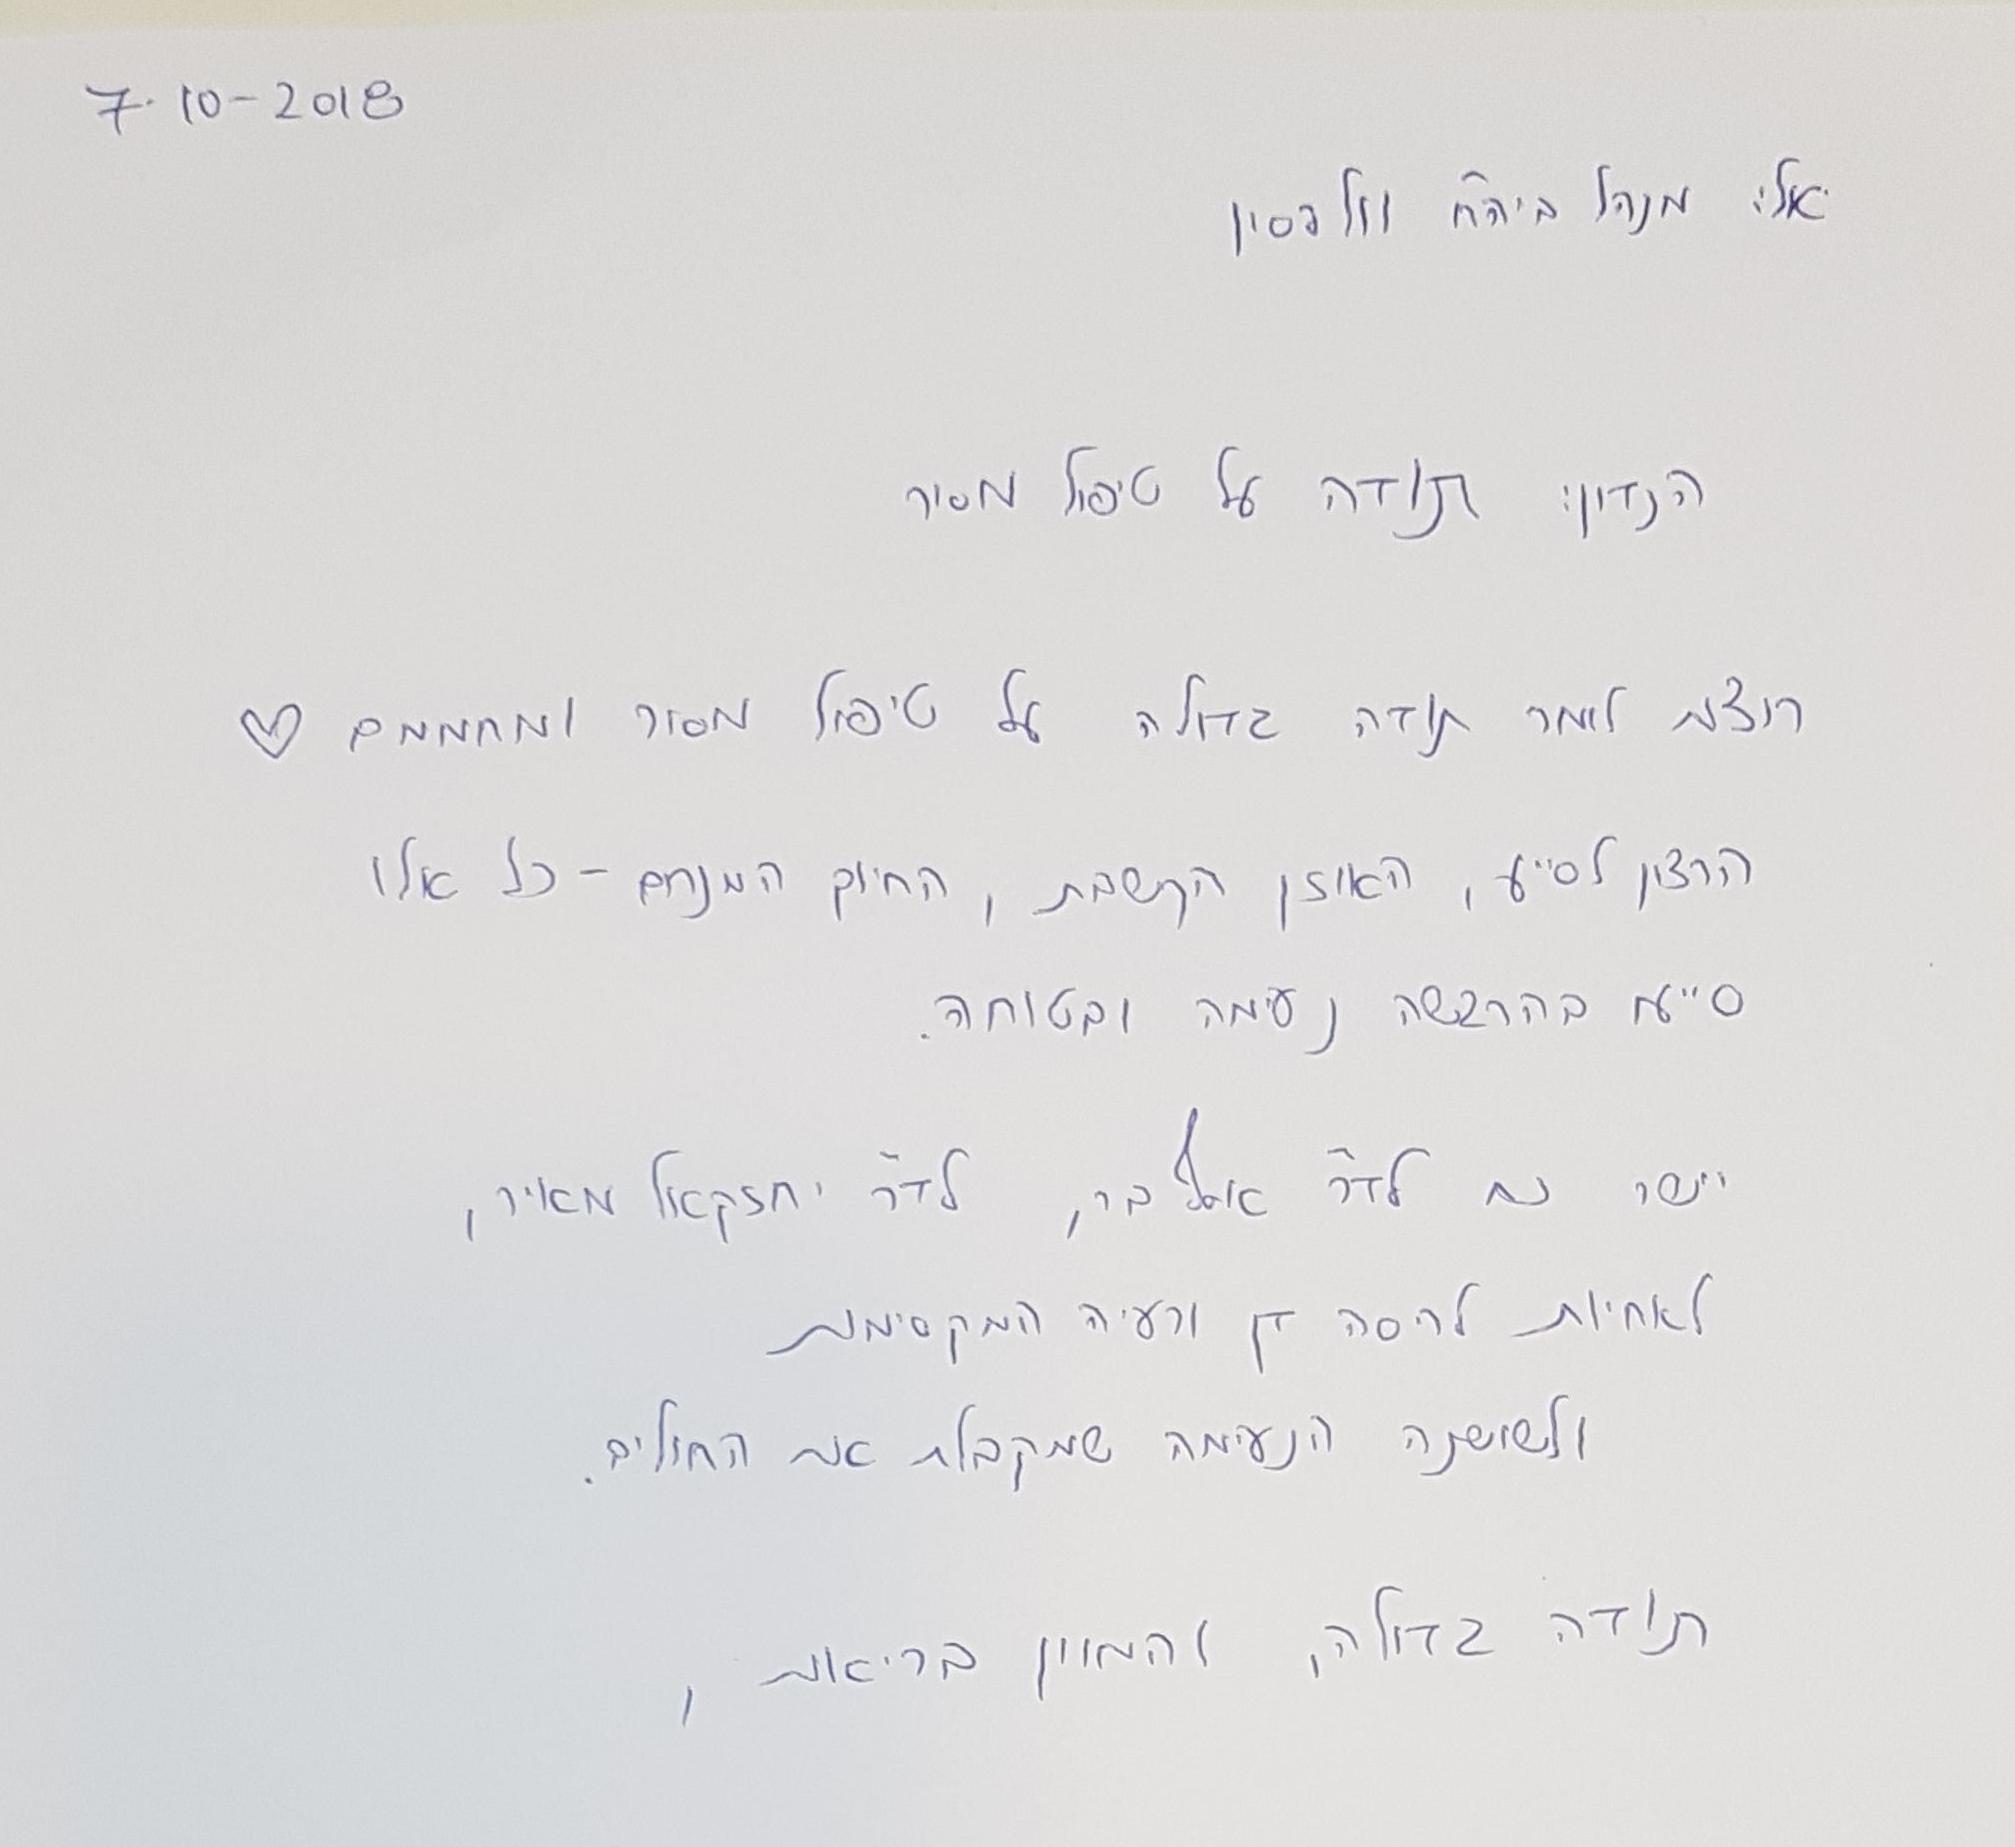 מכתב תודה 19